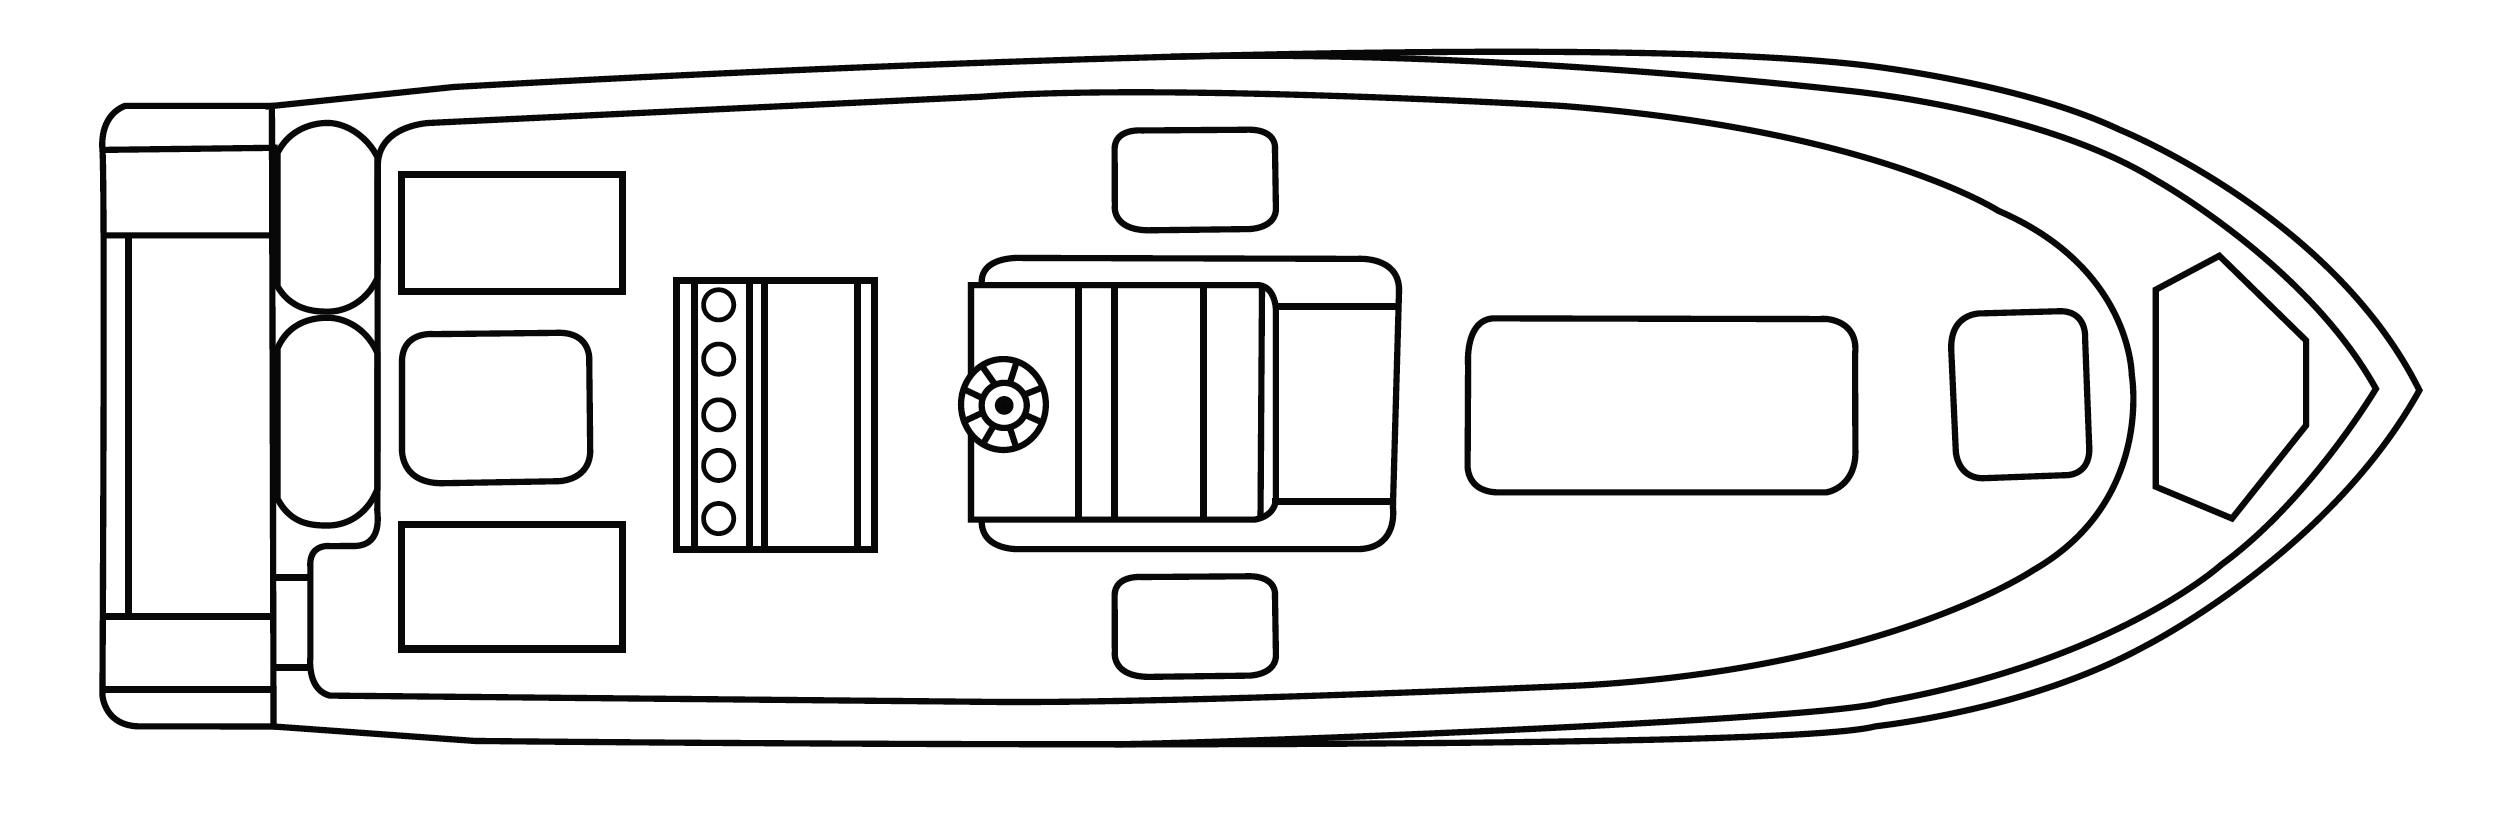 Sea-Lion Boats 34'